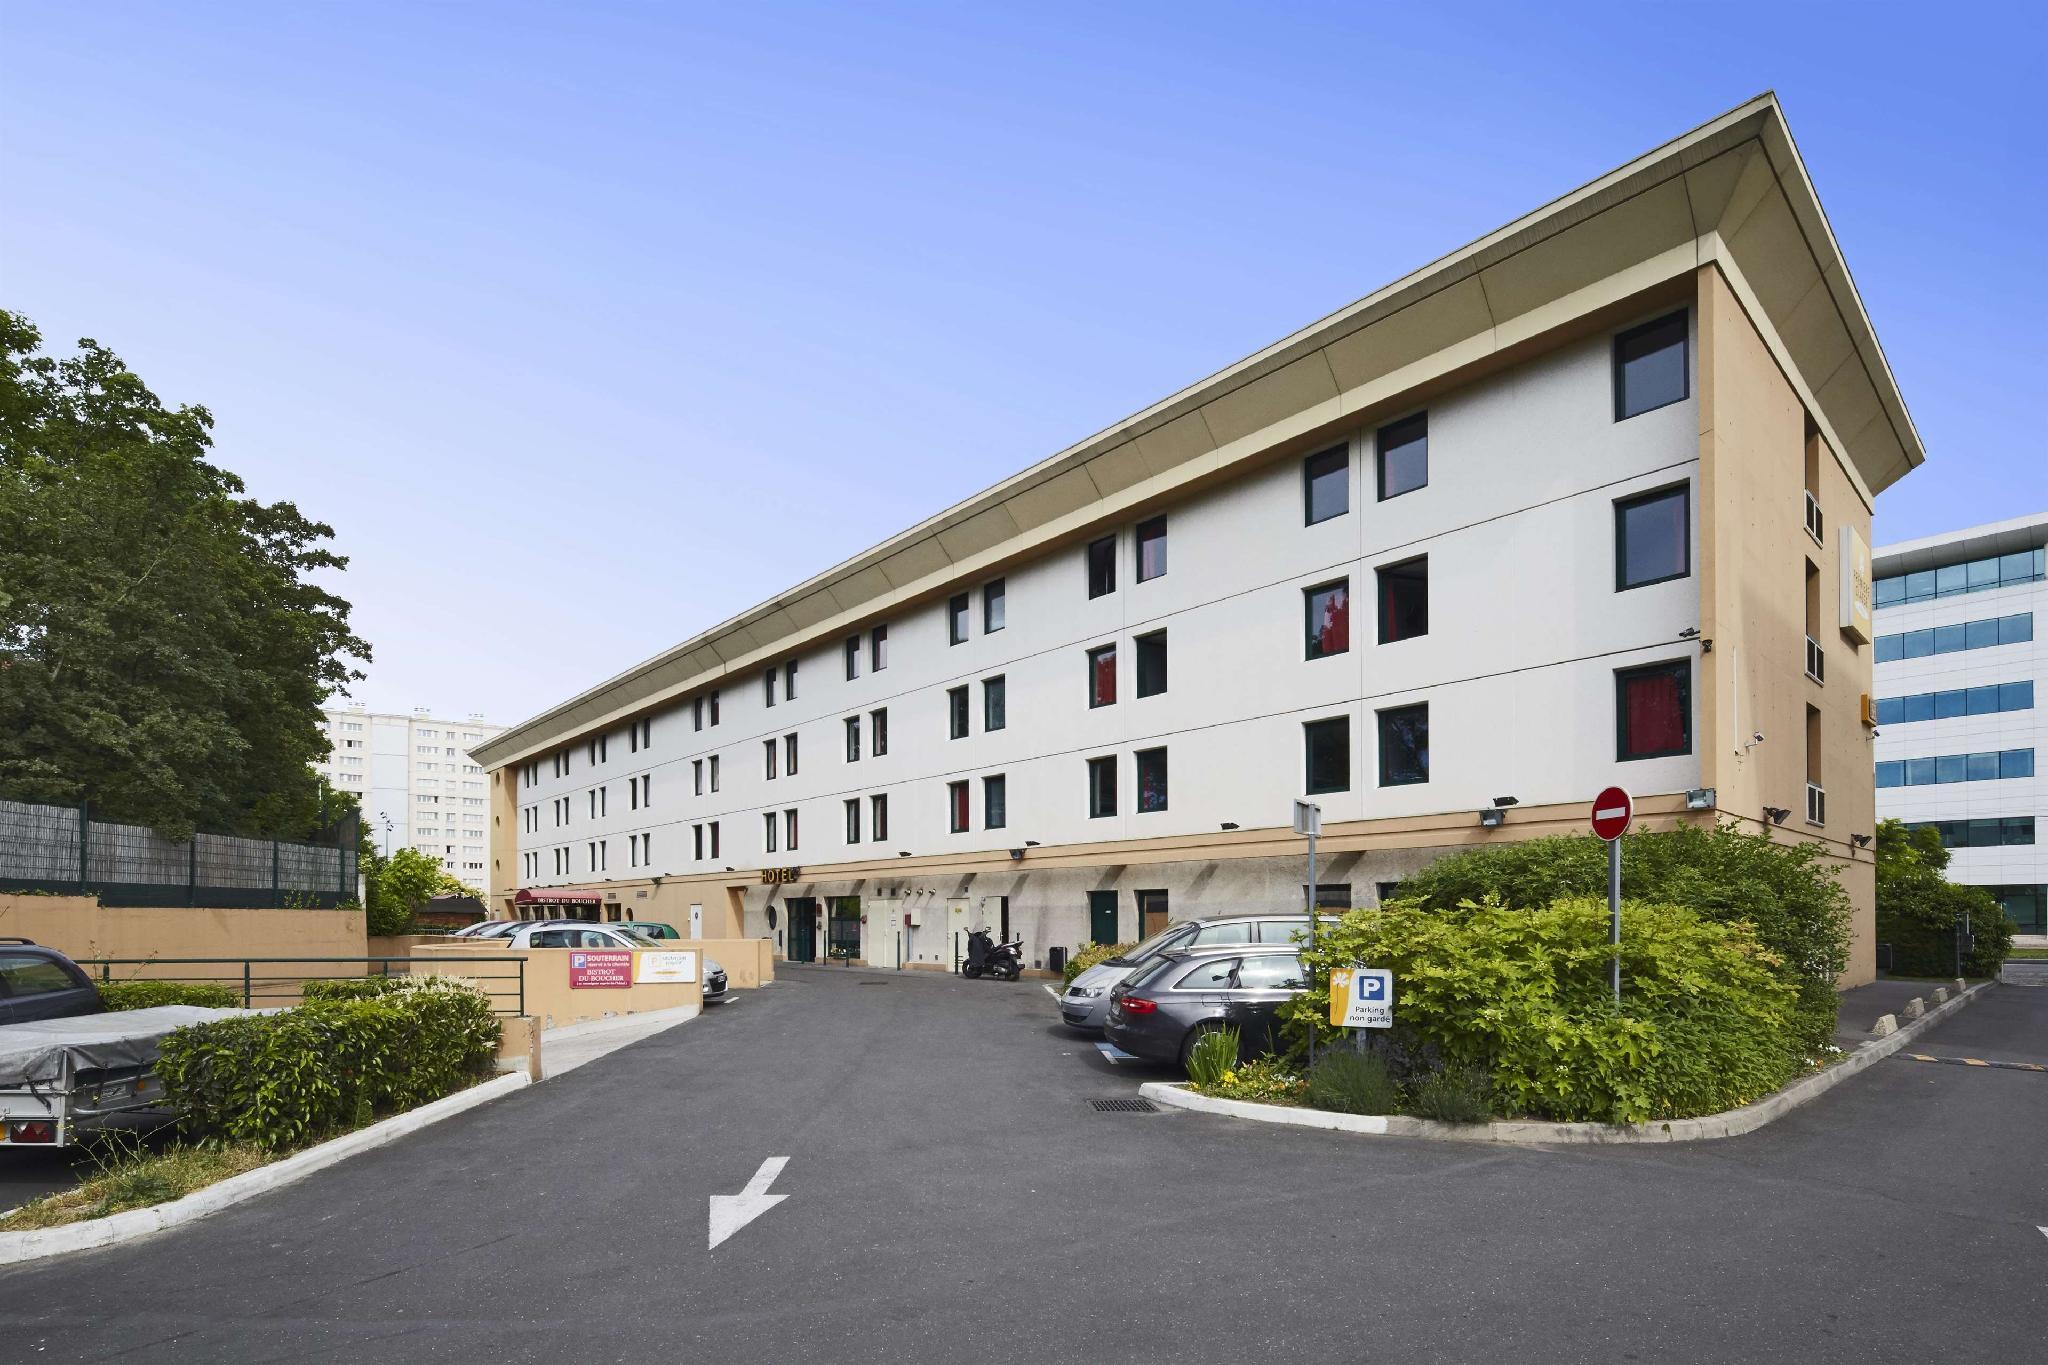 Premiere Classe Paris Ouest - Gennevilliers Barbanniers Hotel